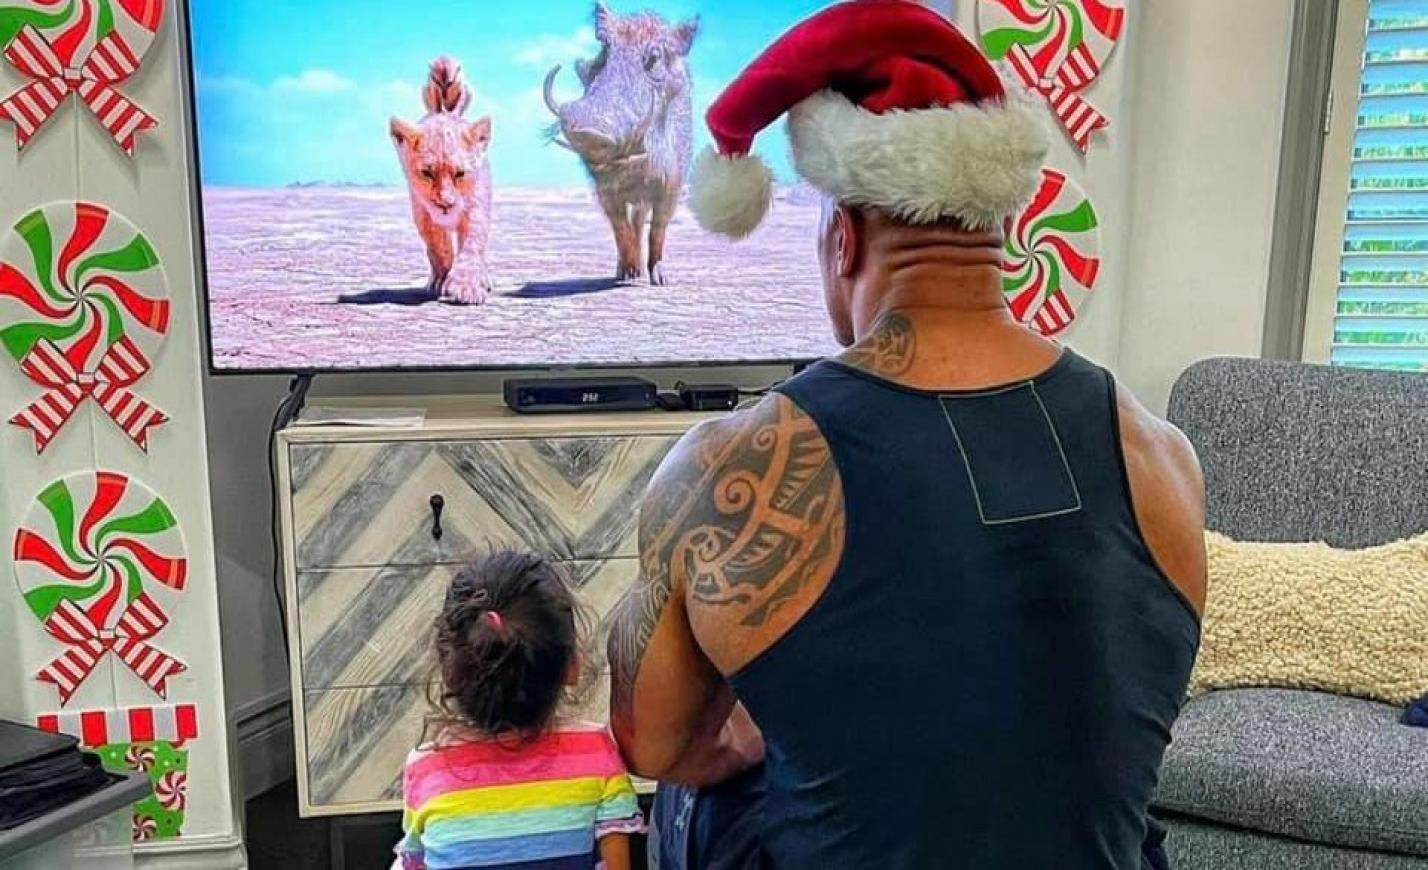 Nehéz nagyobb cukiságot elképzelni, mint a kislányával Oroszlánkirályt néző Szikla